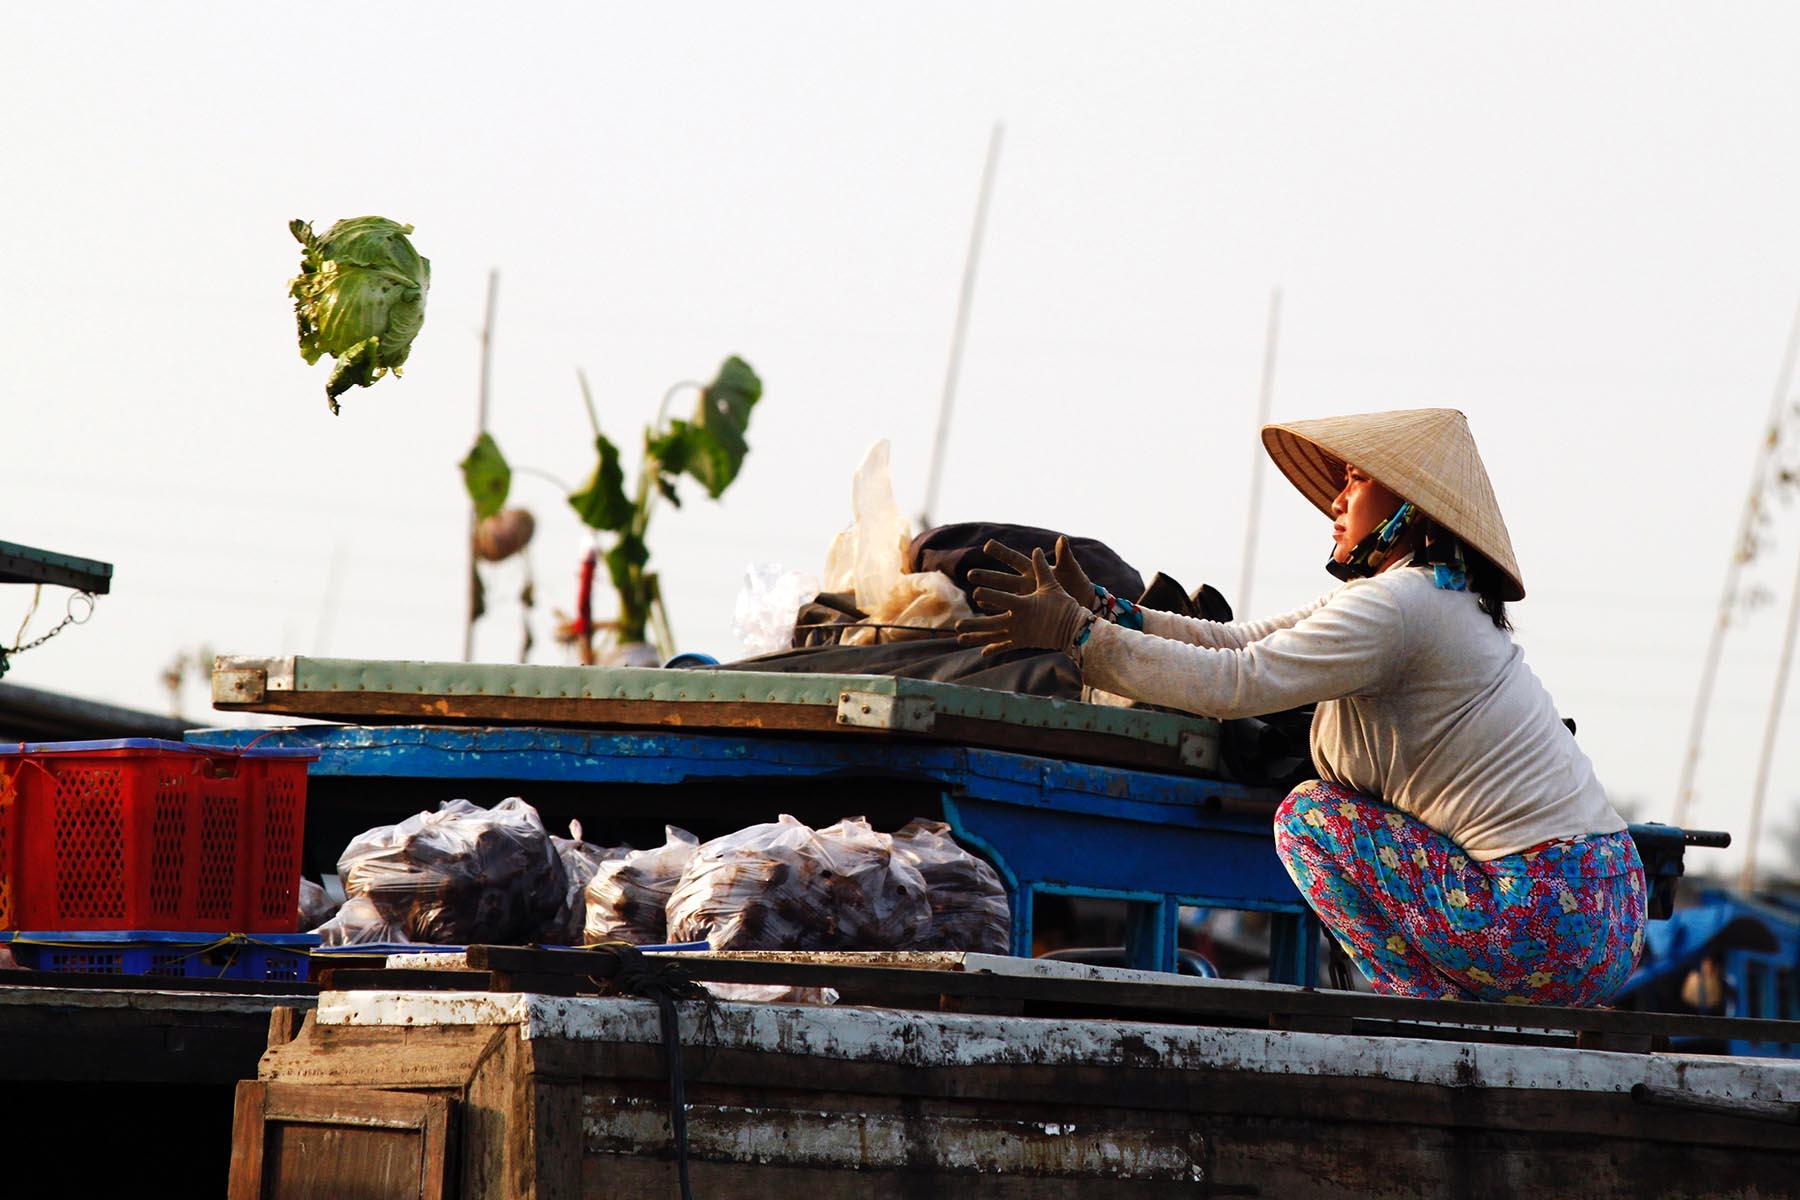 Femme sur le marché flottant de Cai Be, Delta du Mékong, Vietnam